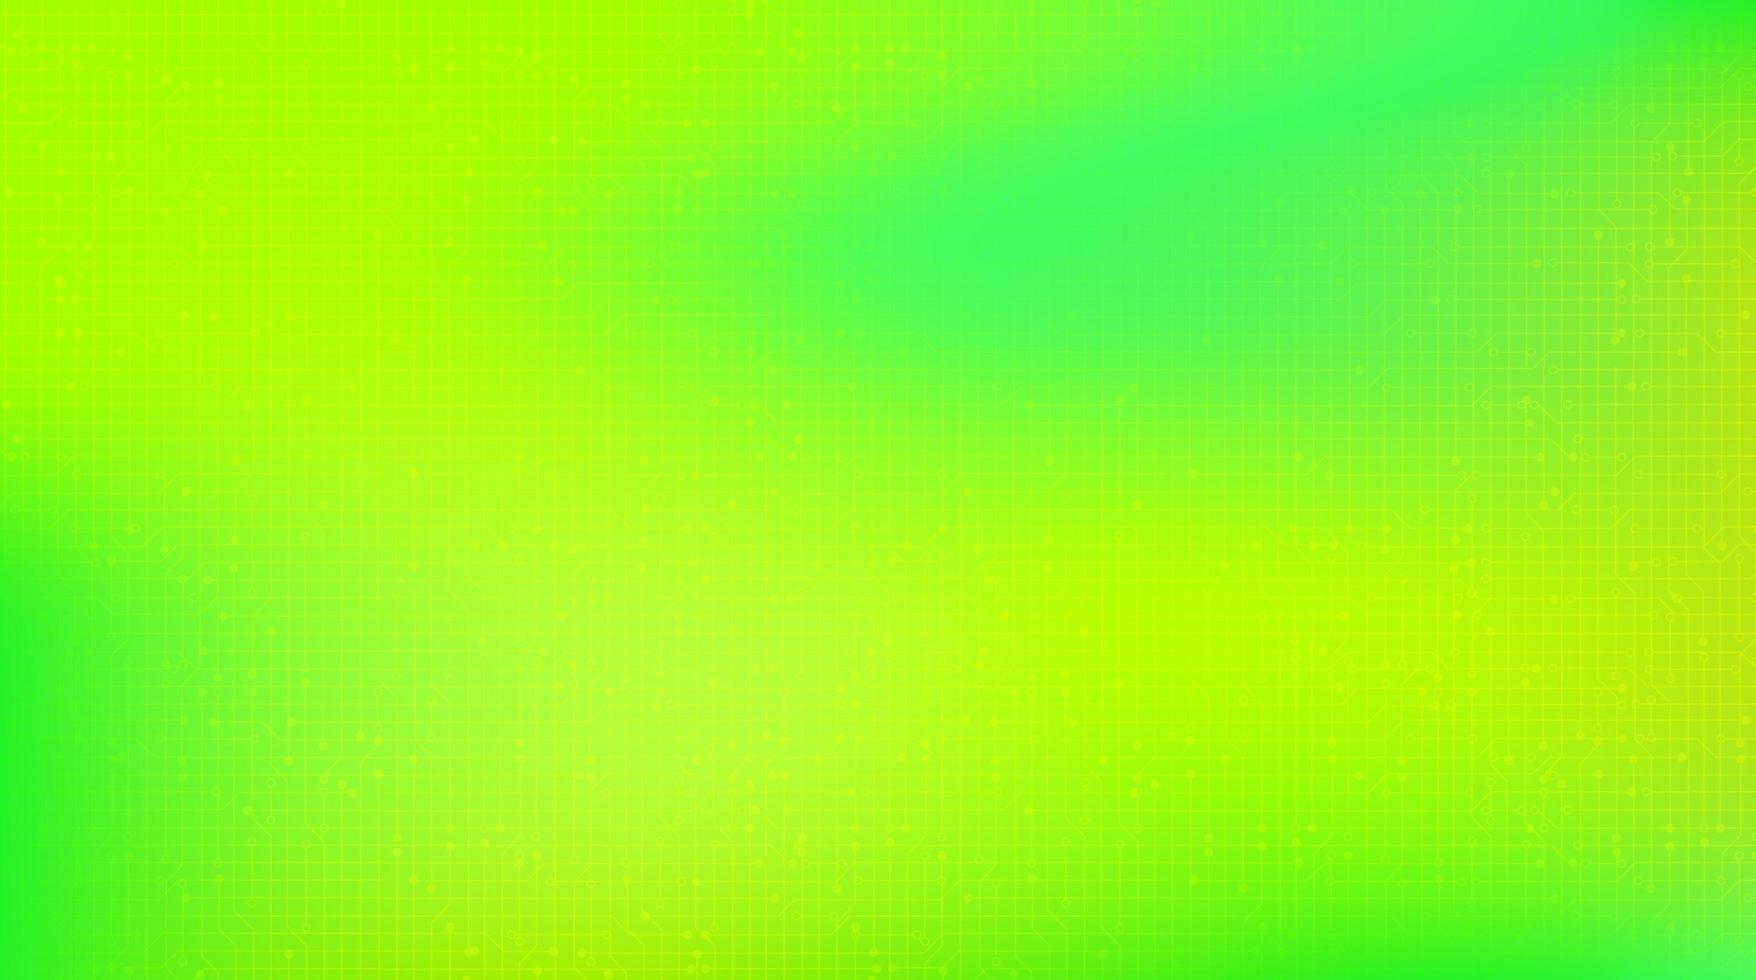 sfondo tecnologia verde chiaro vettore